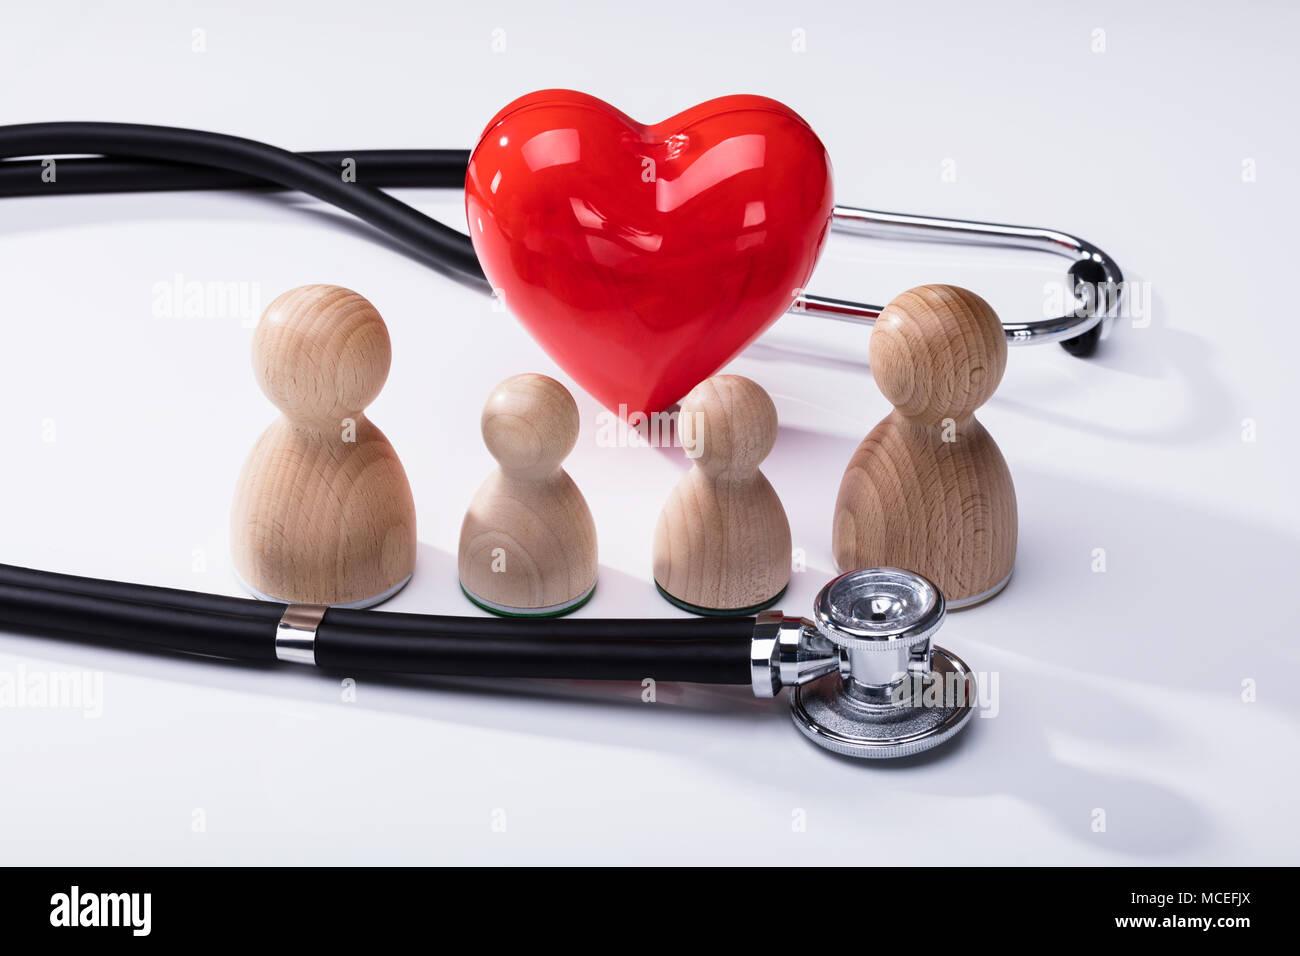 In der Nähe von Holz- Schachfiguren, Rotes Herz Form und Stethoskop auf weißem Hintergrund Stockbild